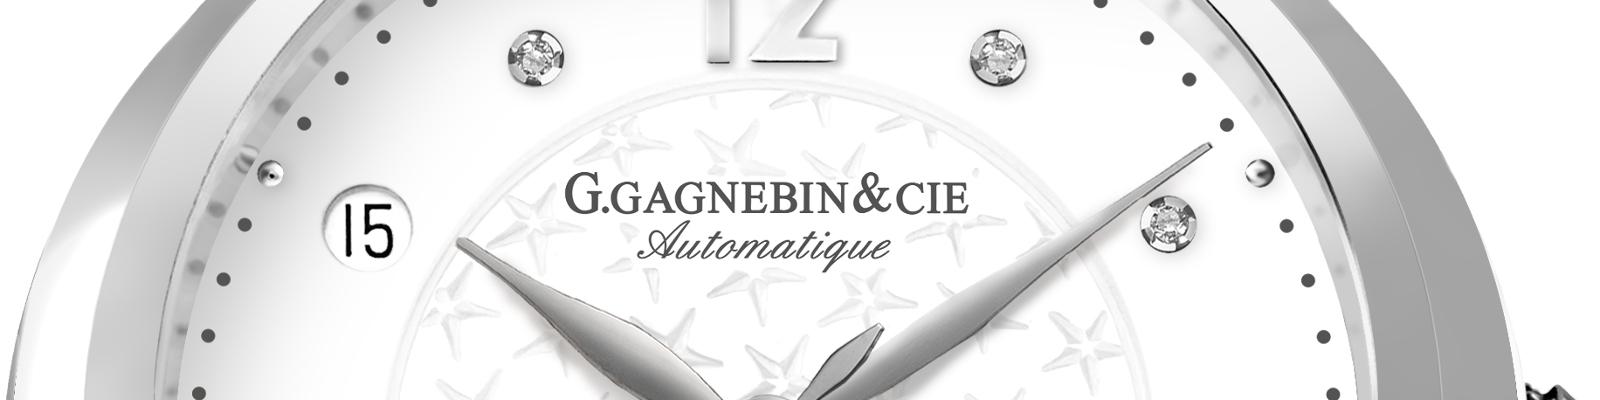 Gagnebin Slide 04